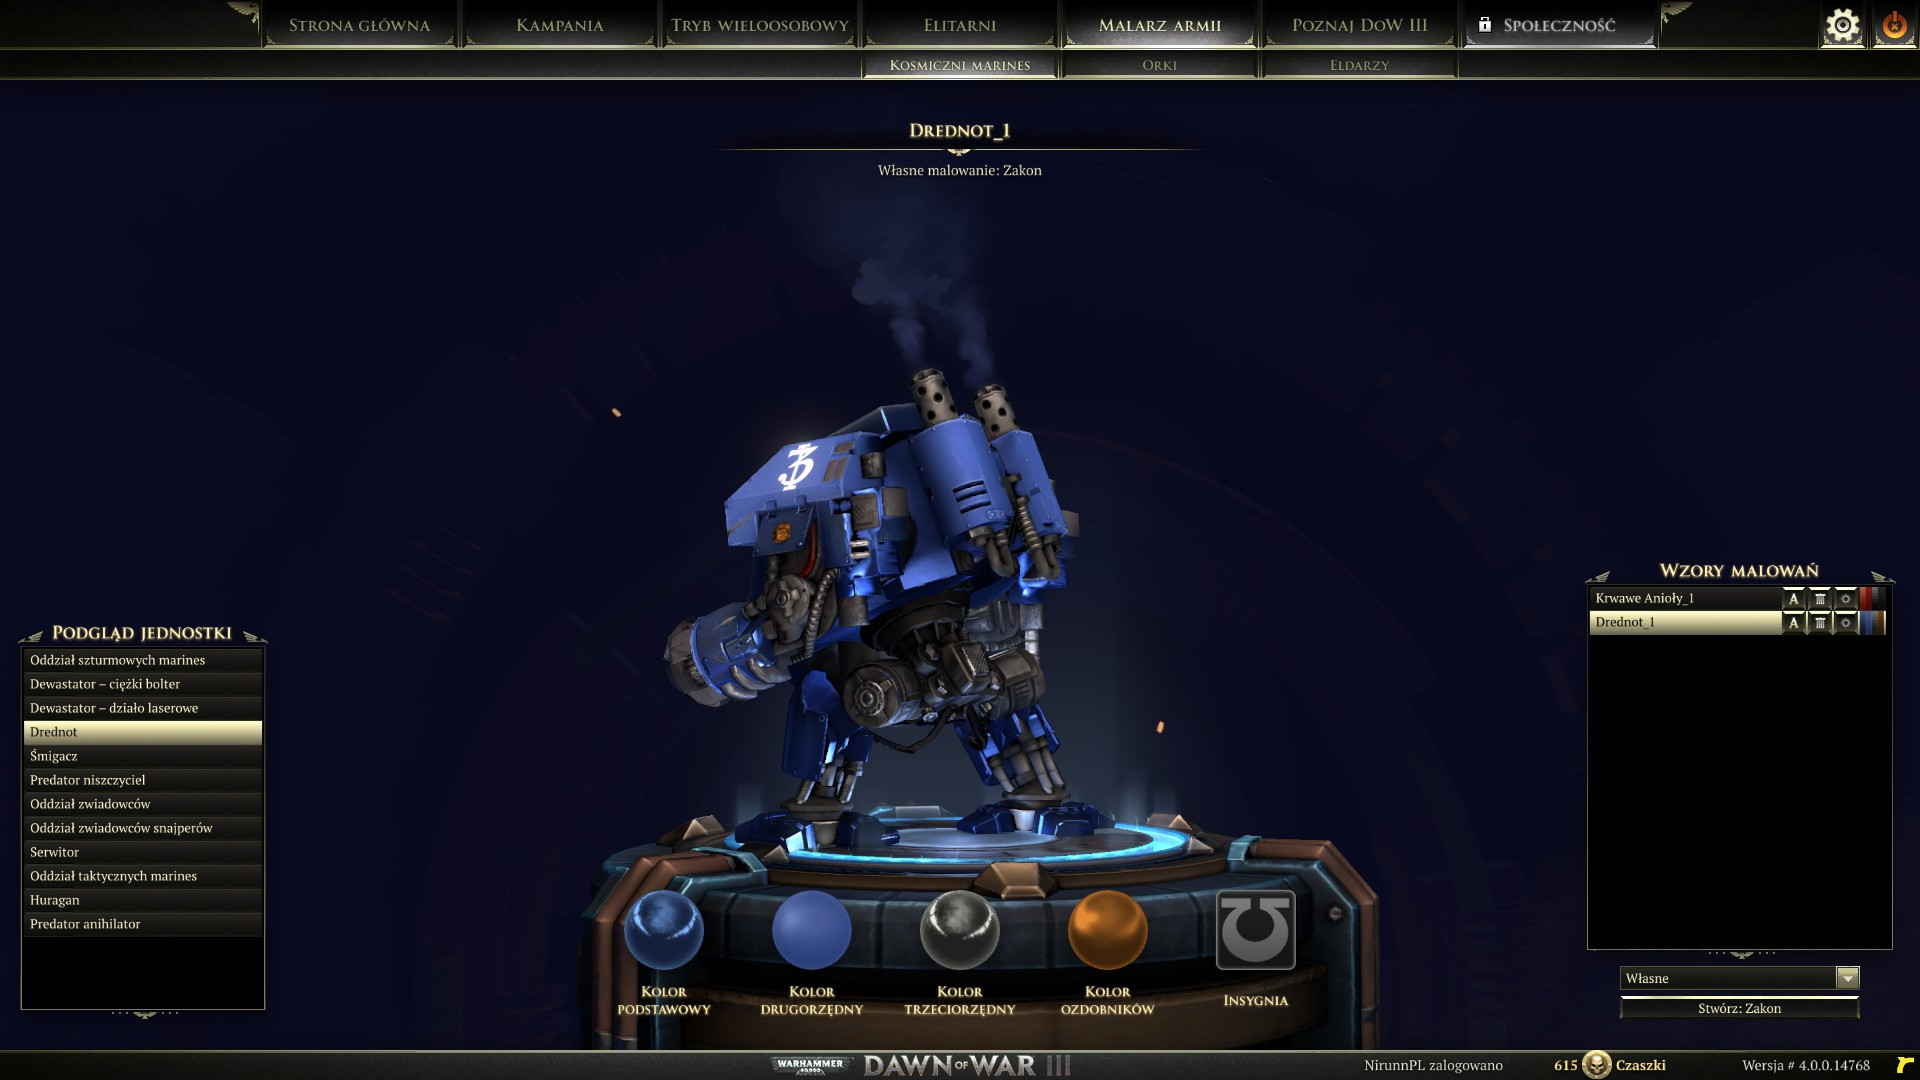 Dawn of War 3 - Drednot w malarzu armii w rzucie bocznym